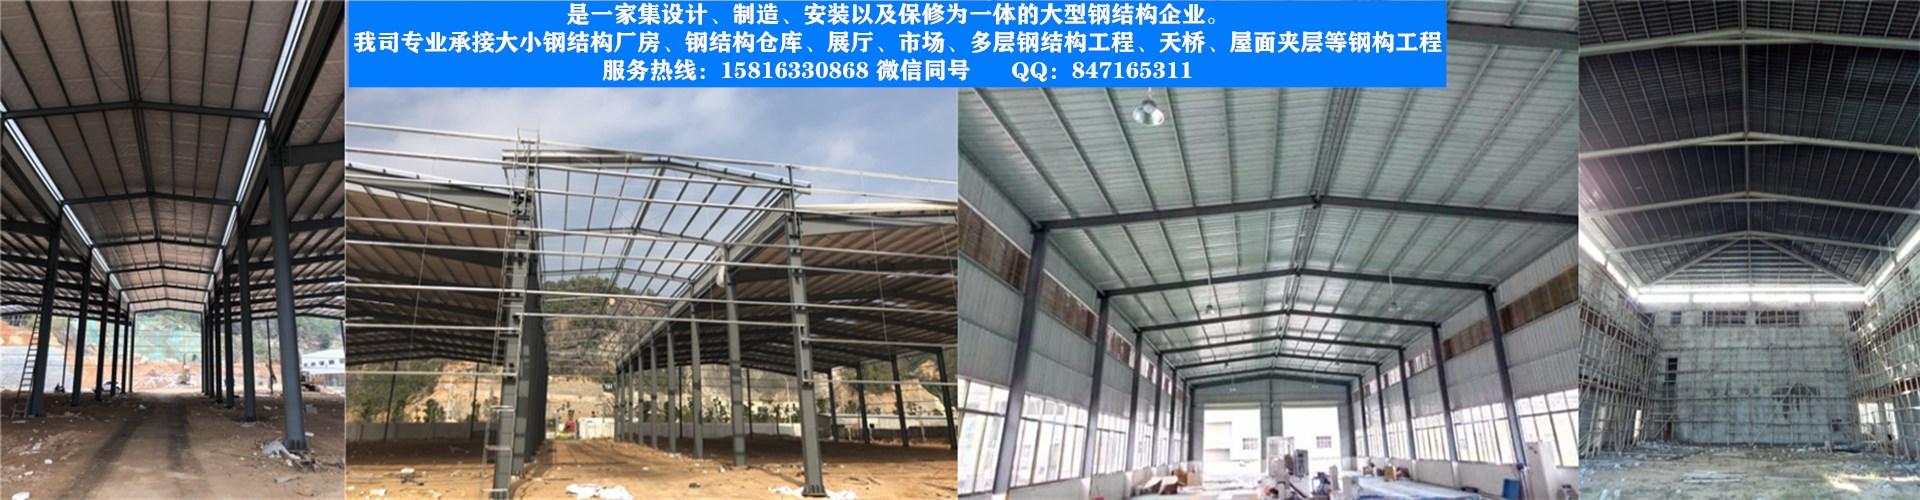 汕尾鋼結構設計,汕尾建筑工程,汕尾鋼結構制作